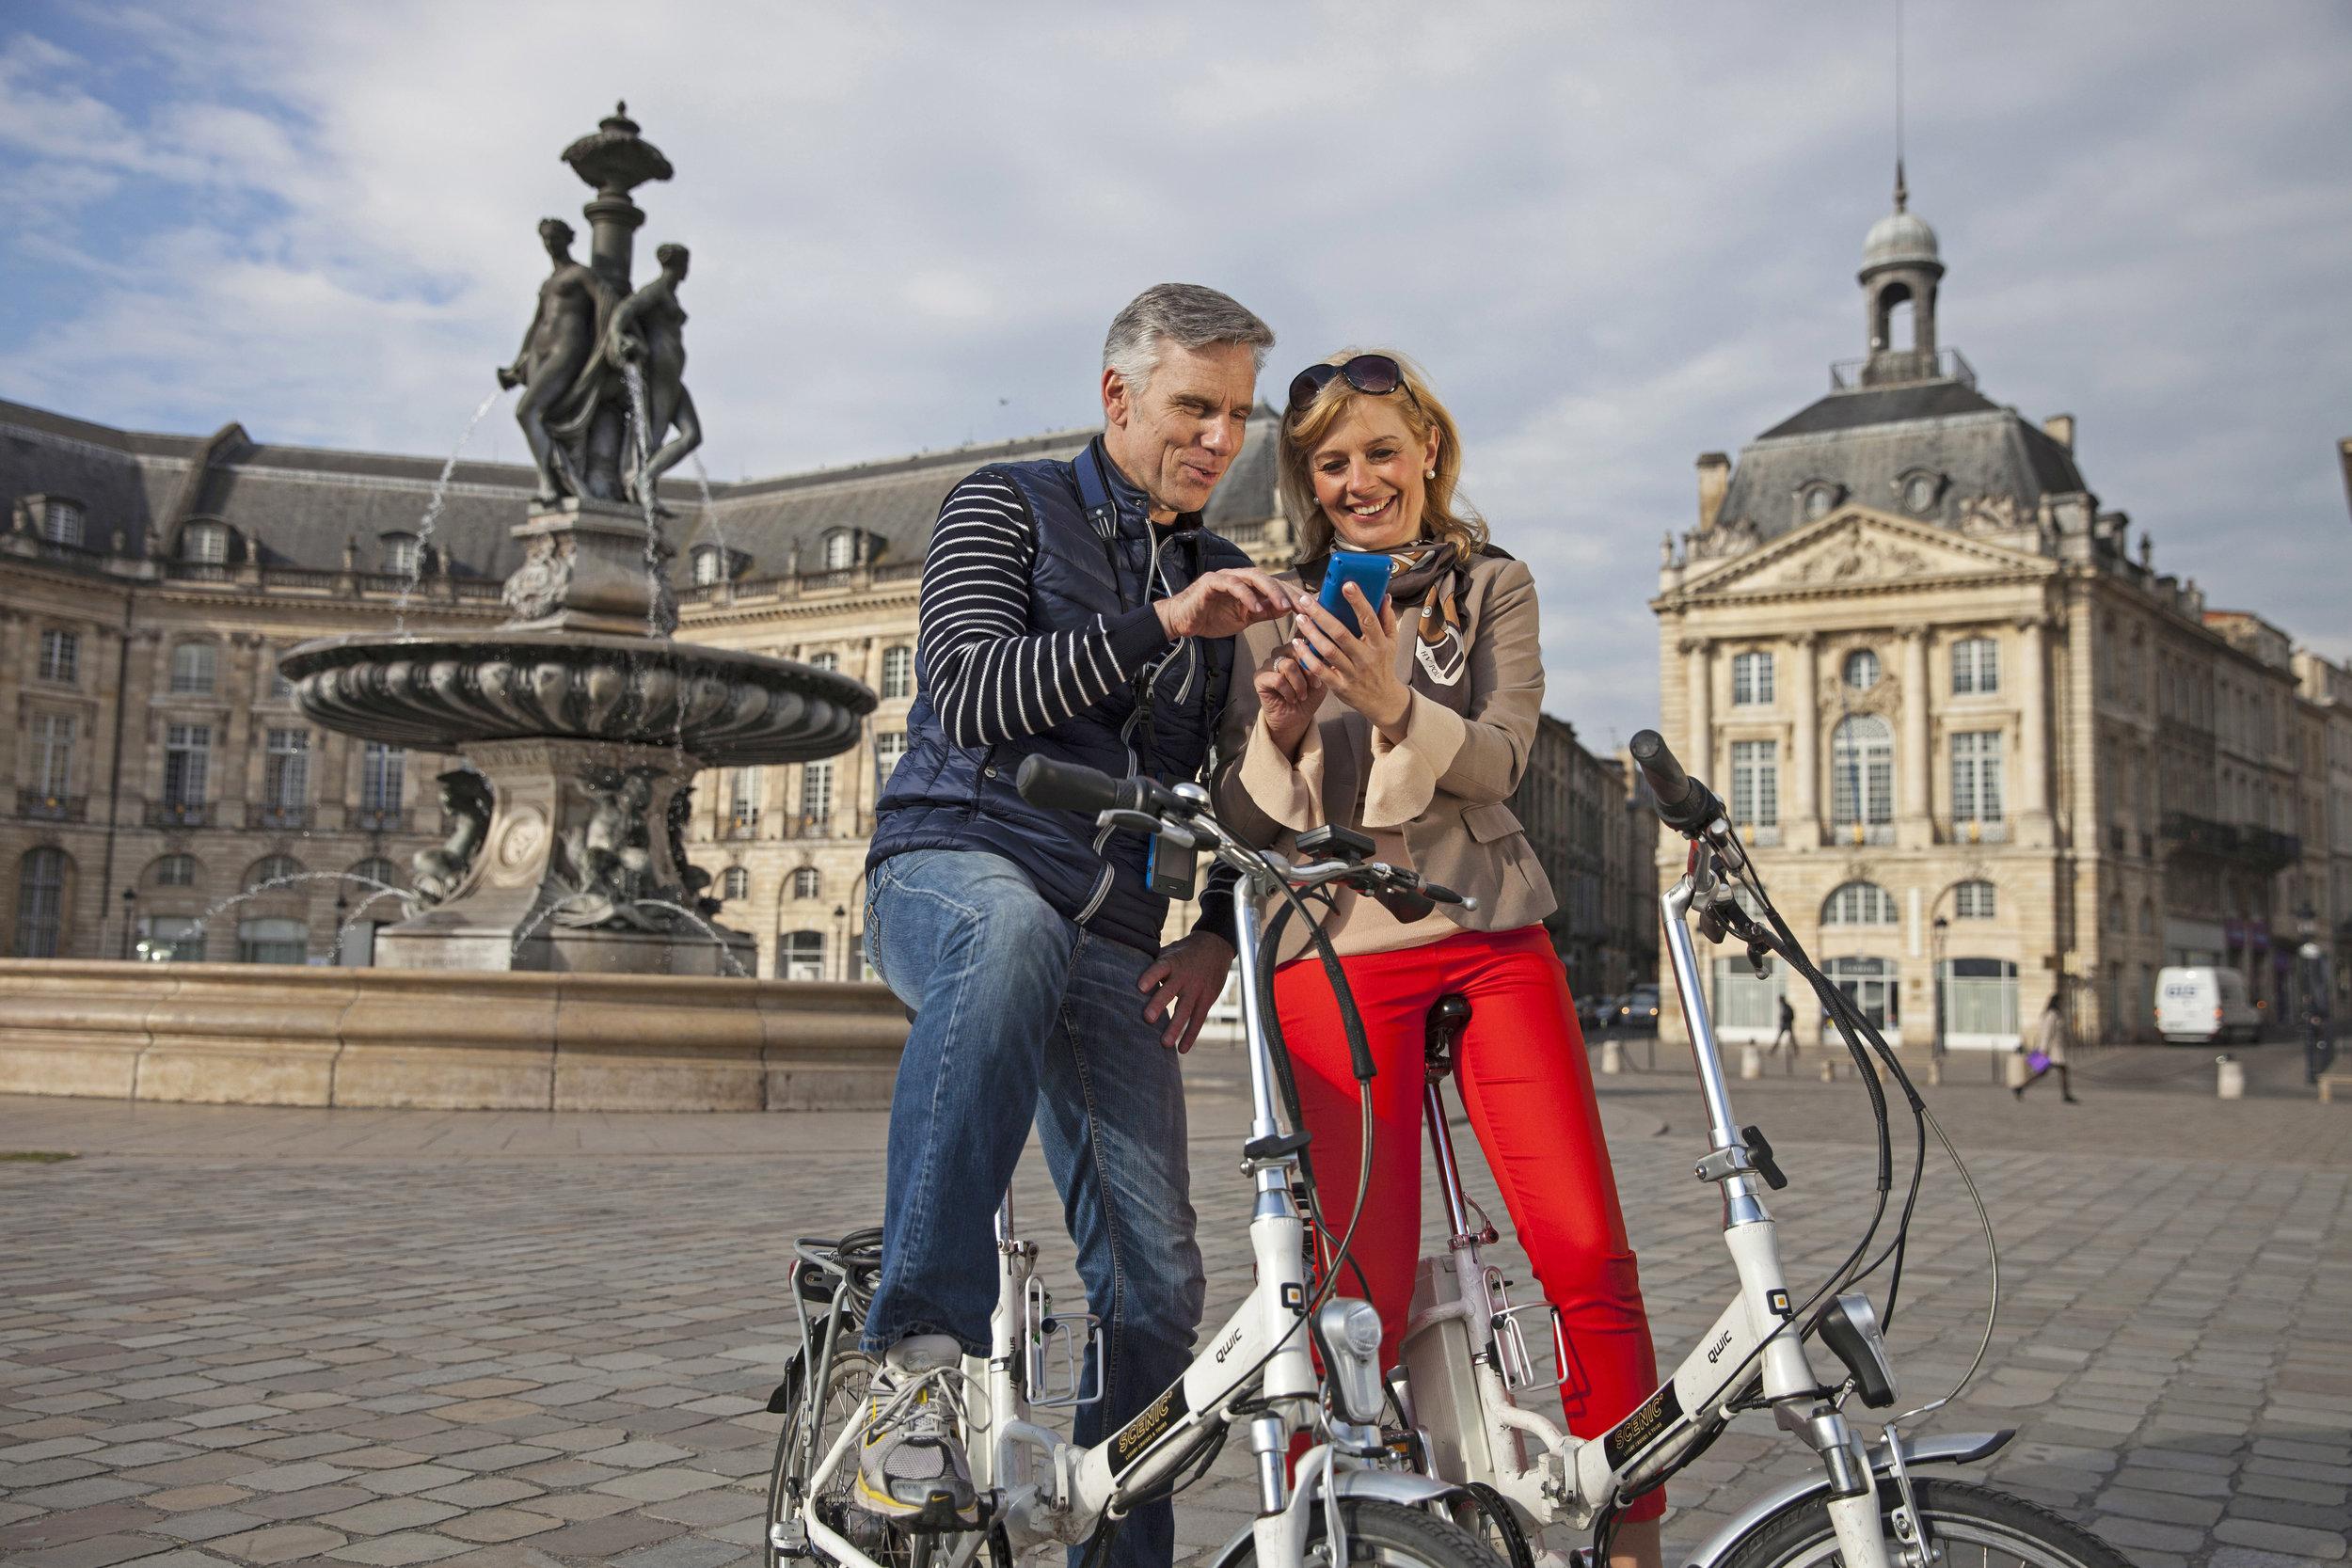 scenic e-bike%2c Bordeaux%2c France.jpg